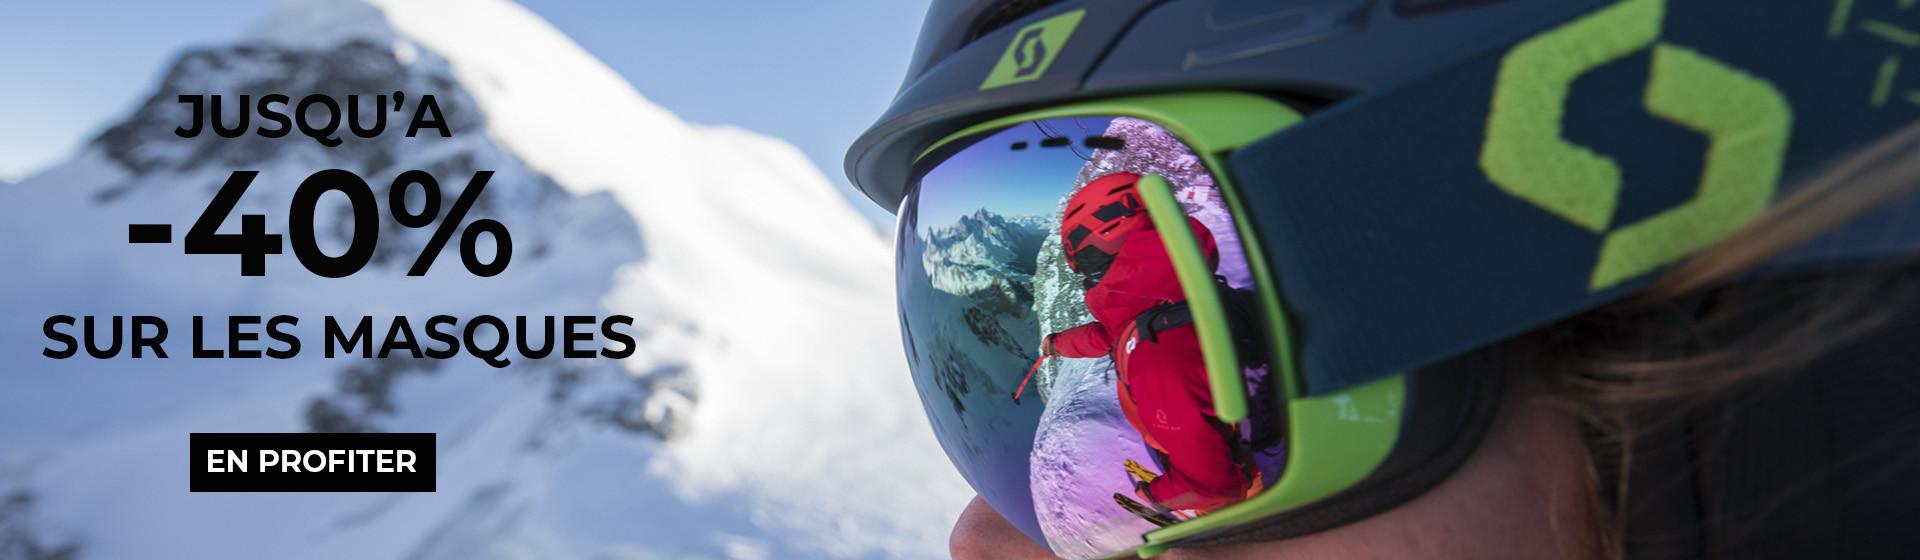 Jusqu'à -40% sur les masques de ski